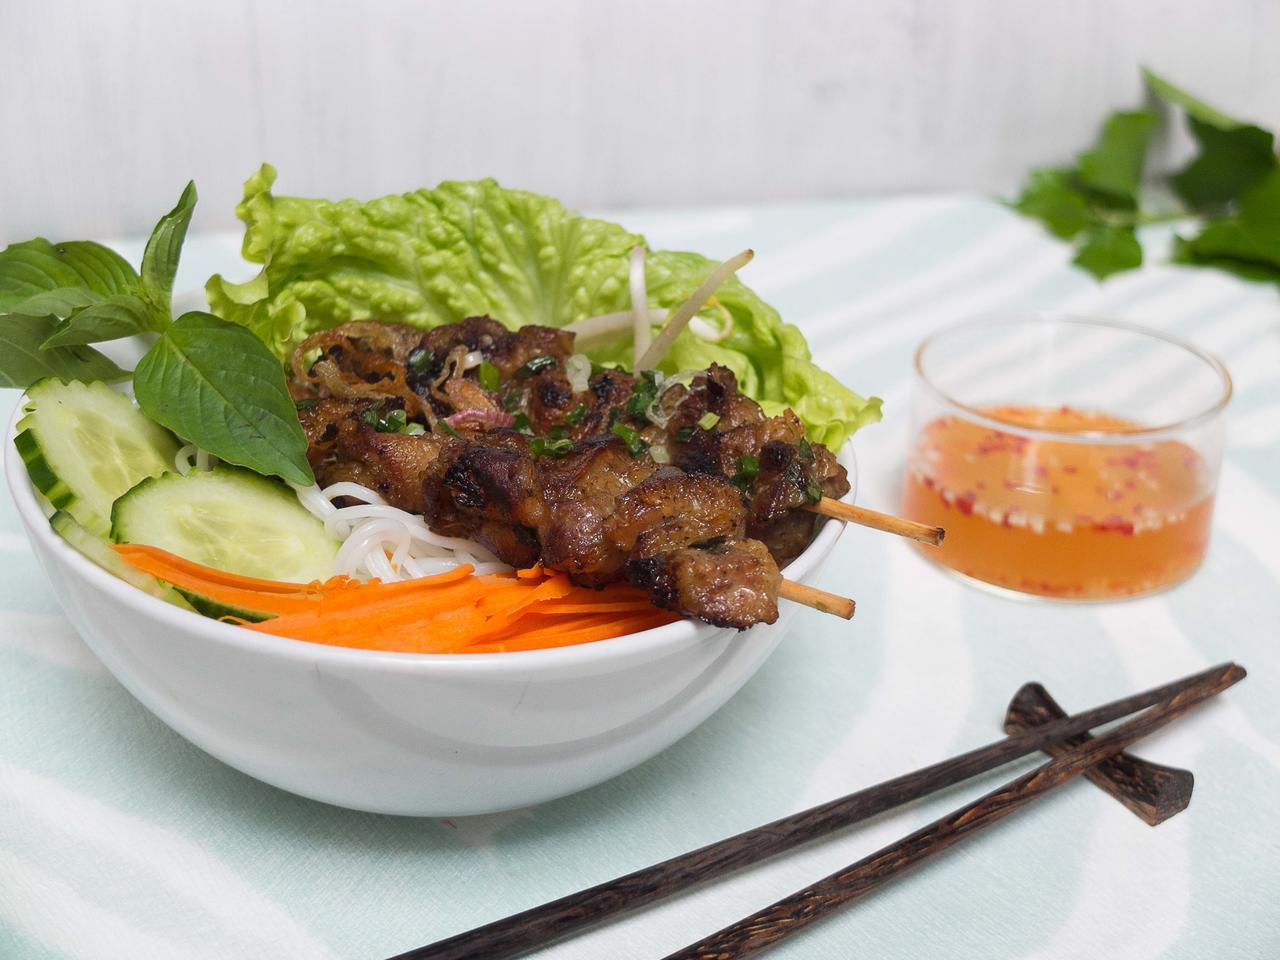 Porc grillé à la citronnelle cuisiné par Thao-Suong